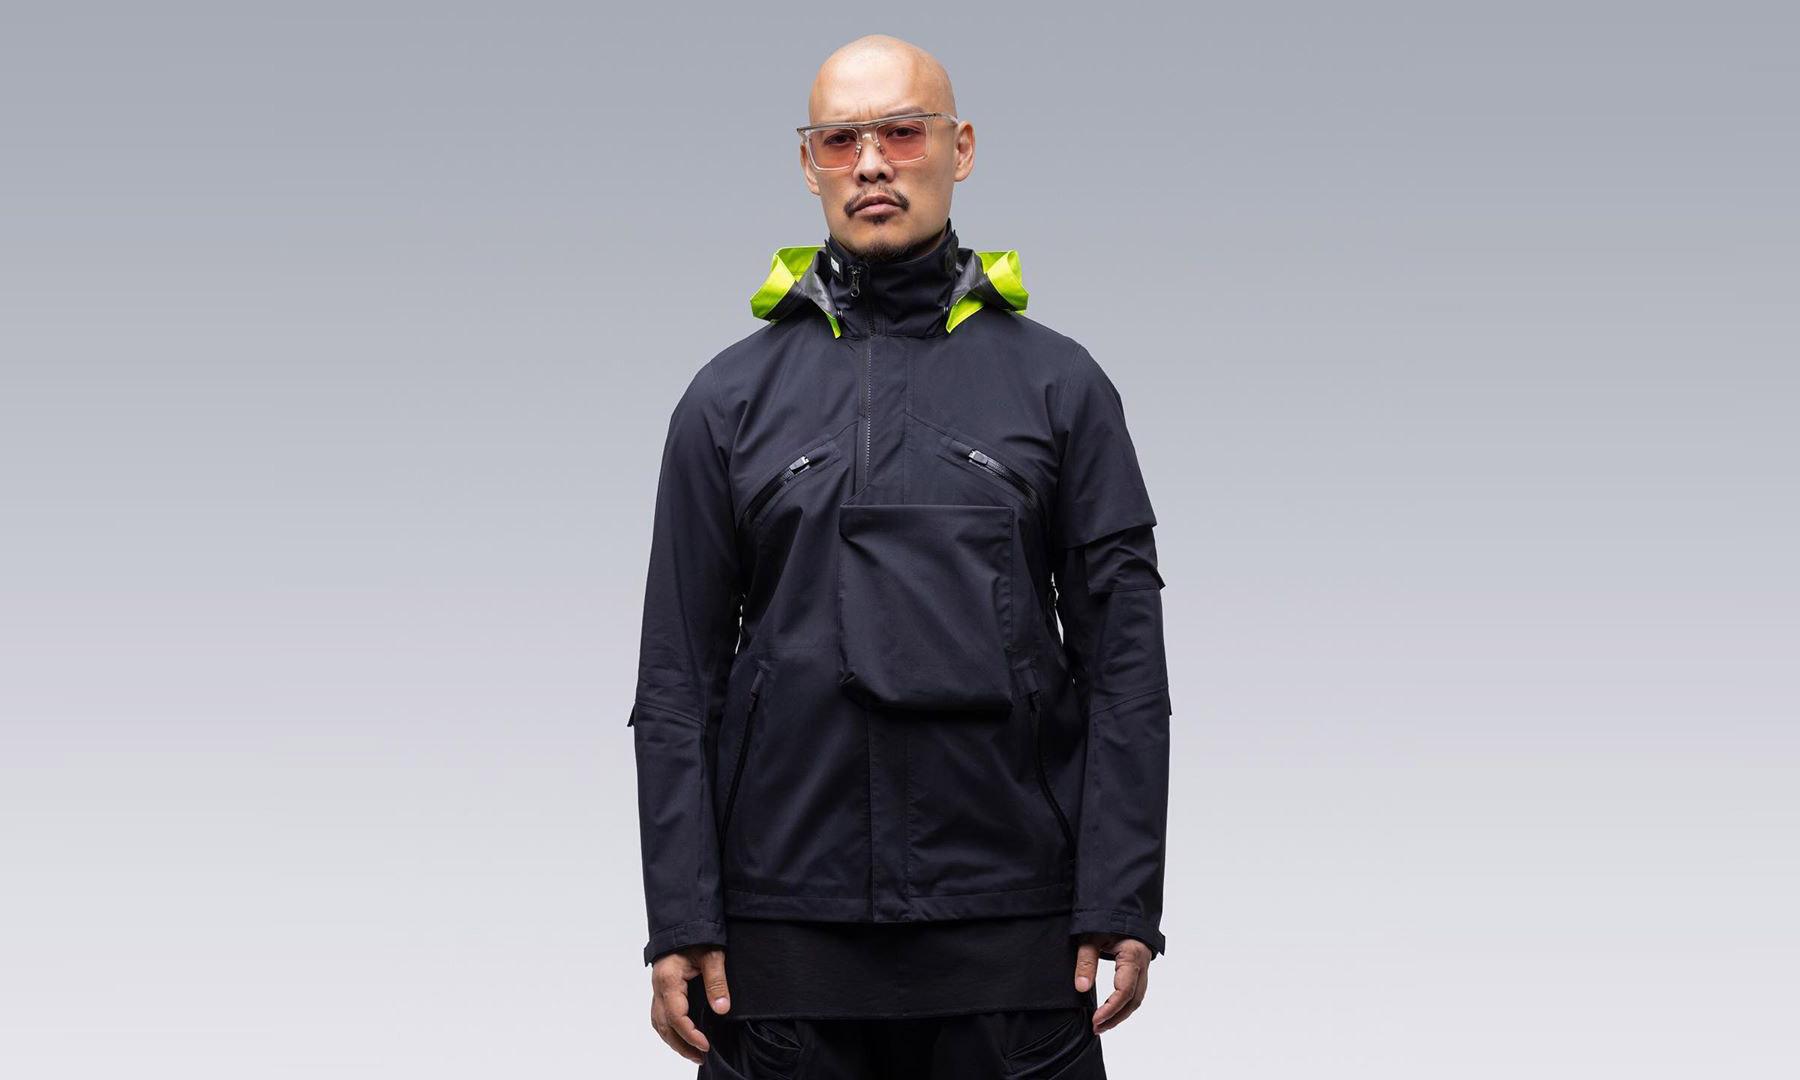 室内外无碍切换,ACRONYM® F1-T 夹片太阳镜系列释出